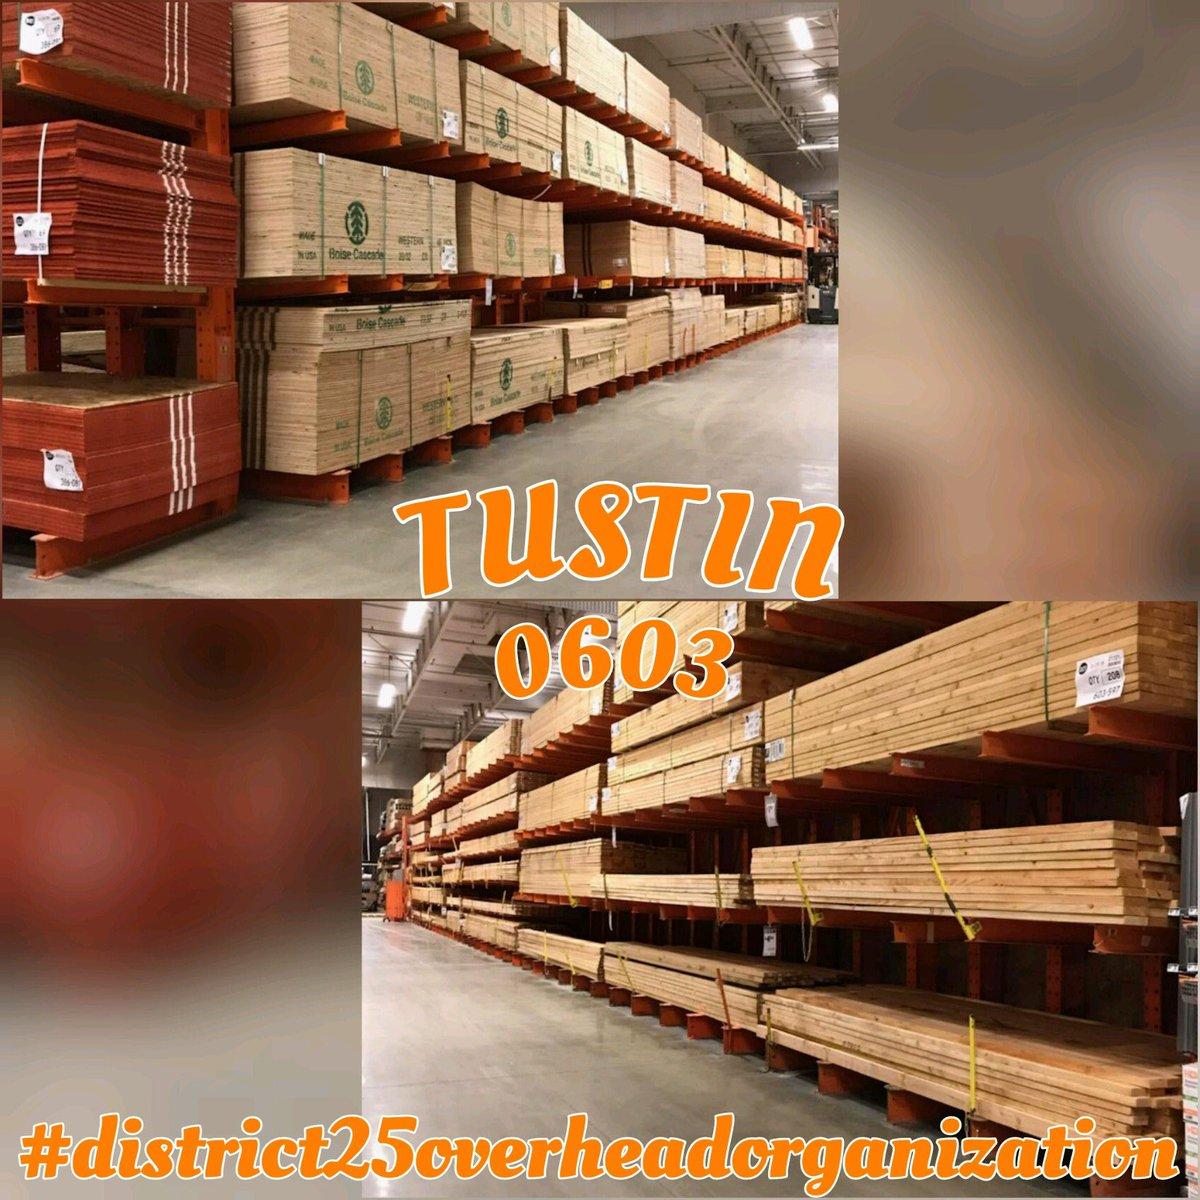 Home Depot - Tustin #603 (@TustinHomeDepot) | Twitter